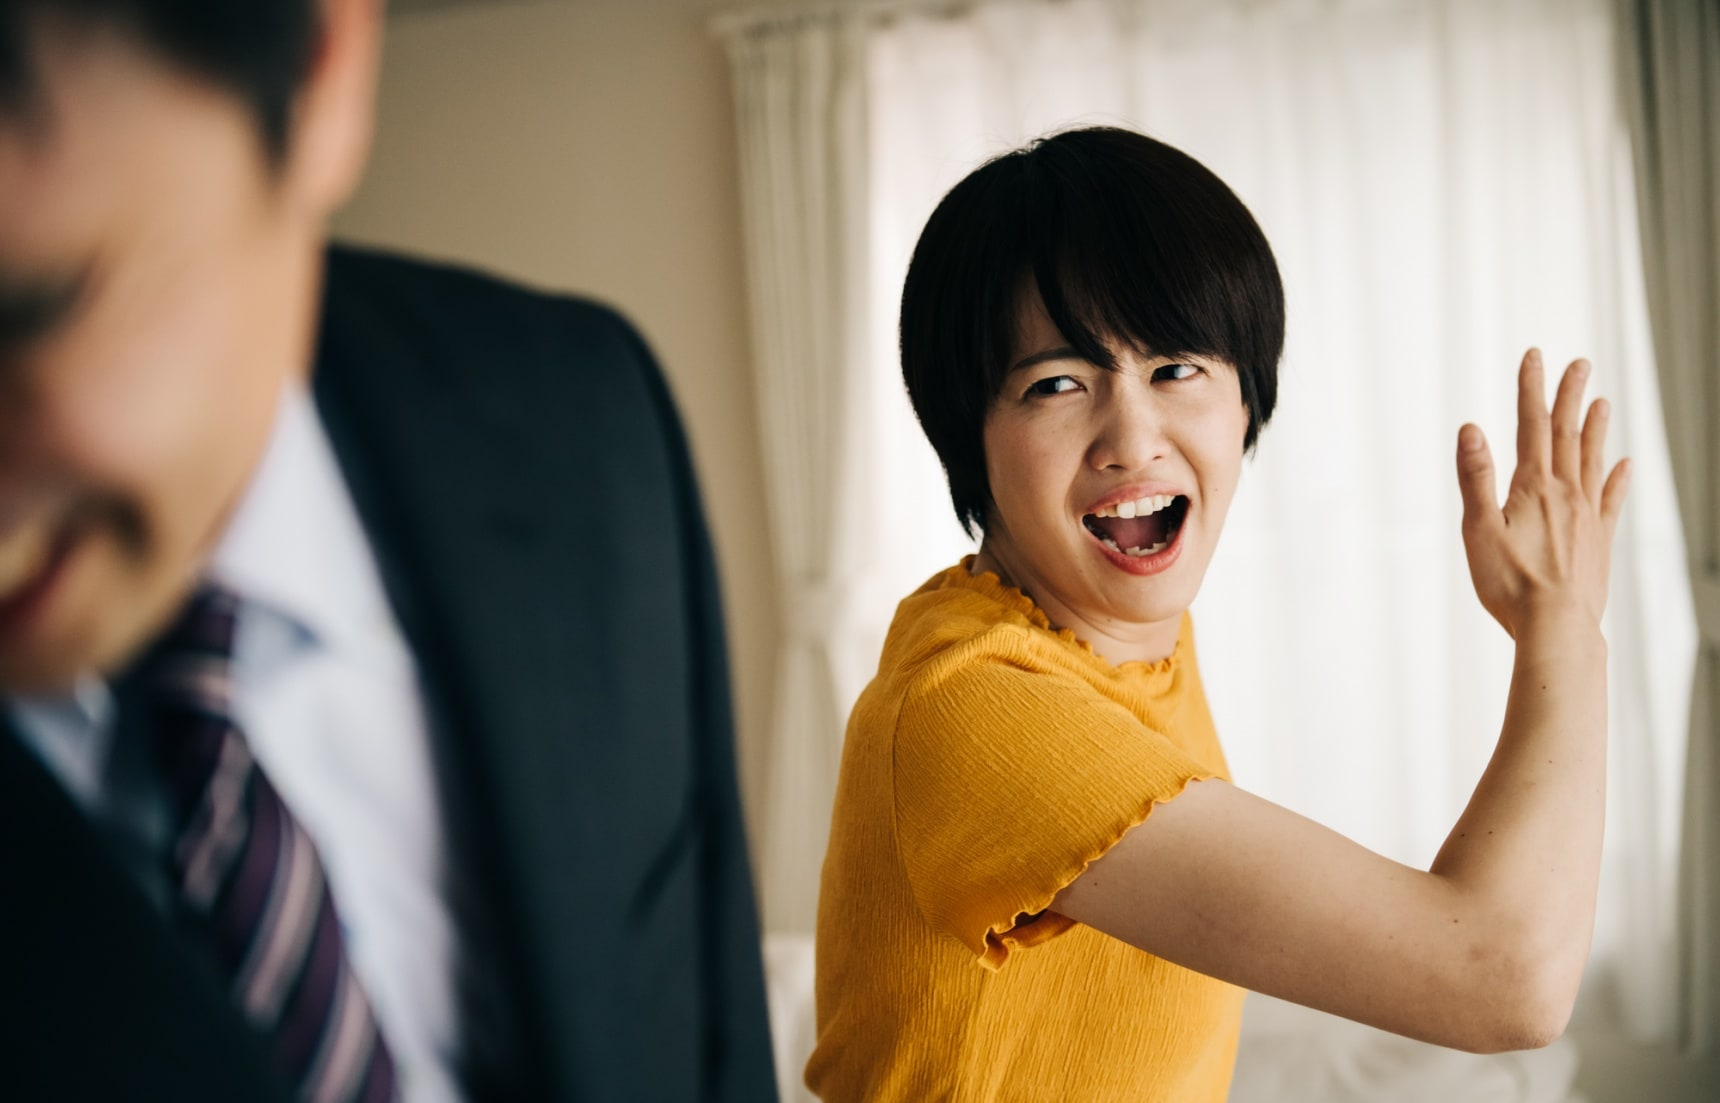 วิธีรับมือปัญหานอกใจสไตล์เมียญี่ปุ่น2018